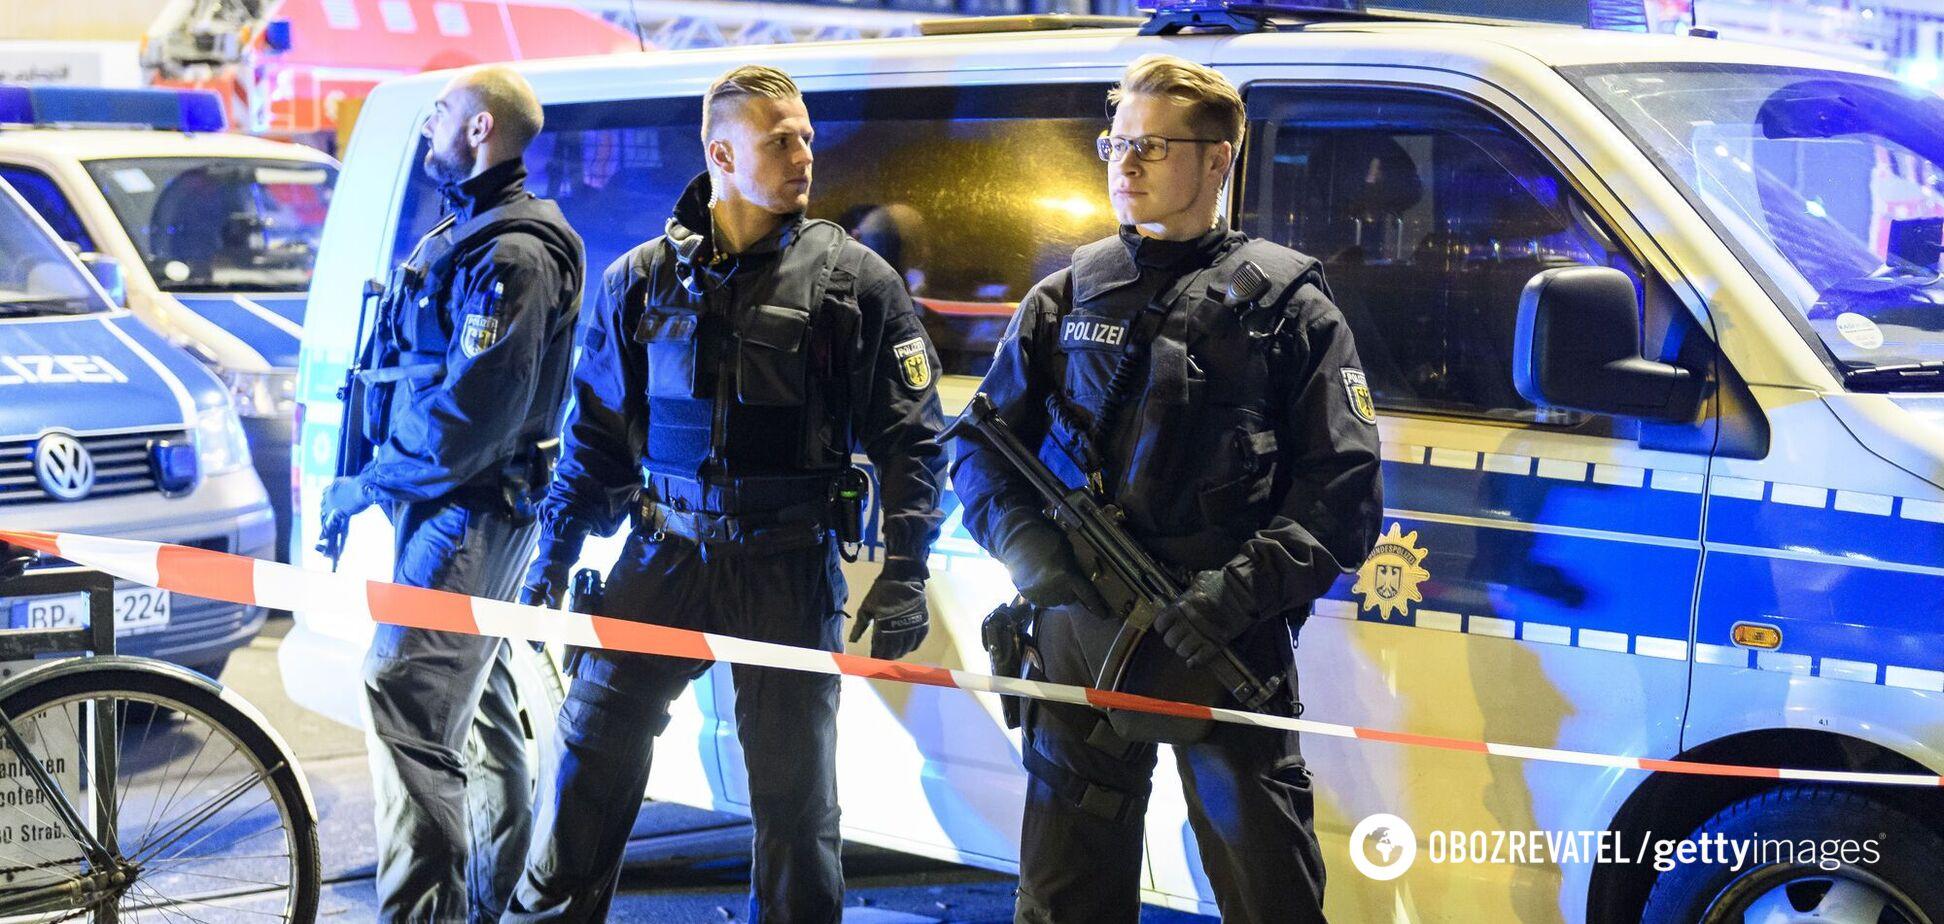 В Германии в больнице убили 4 человека. Видео